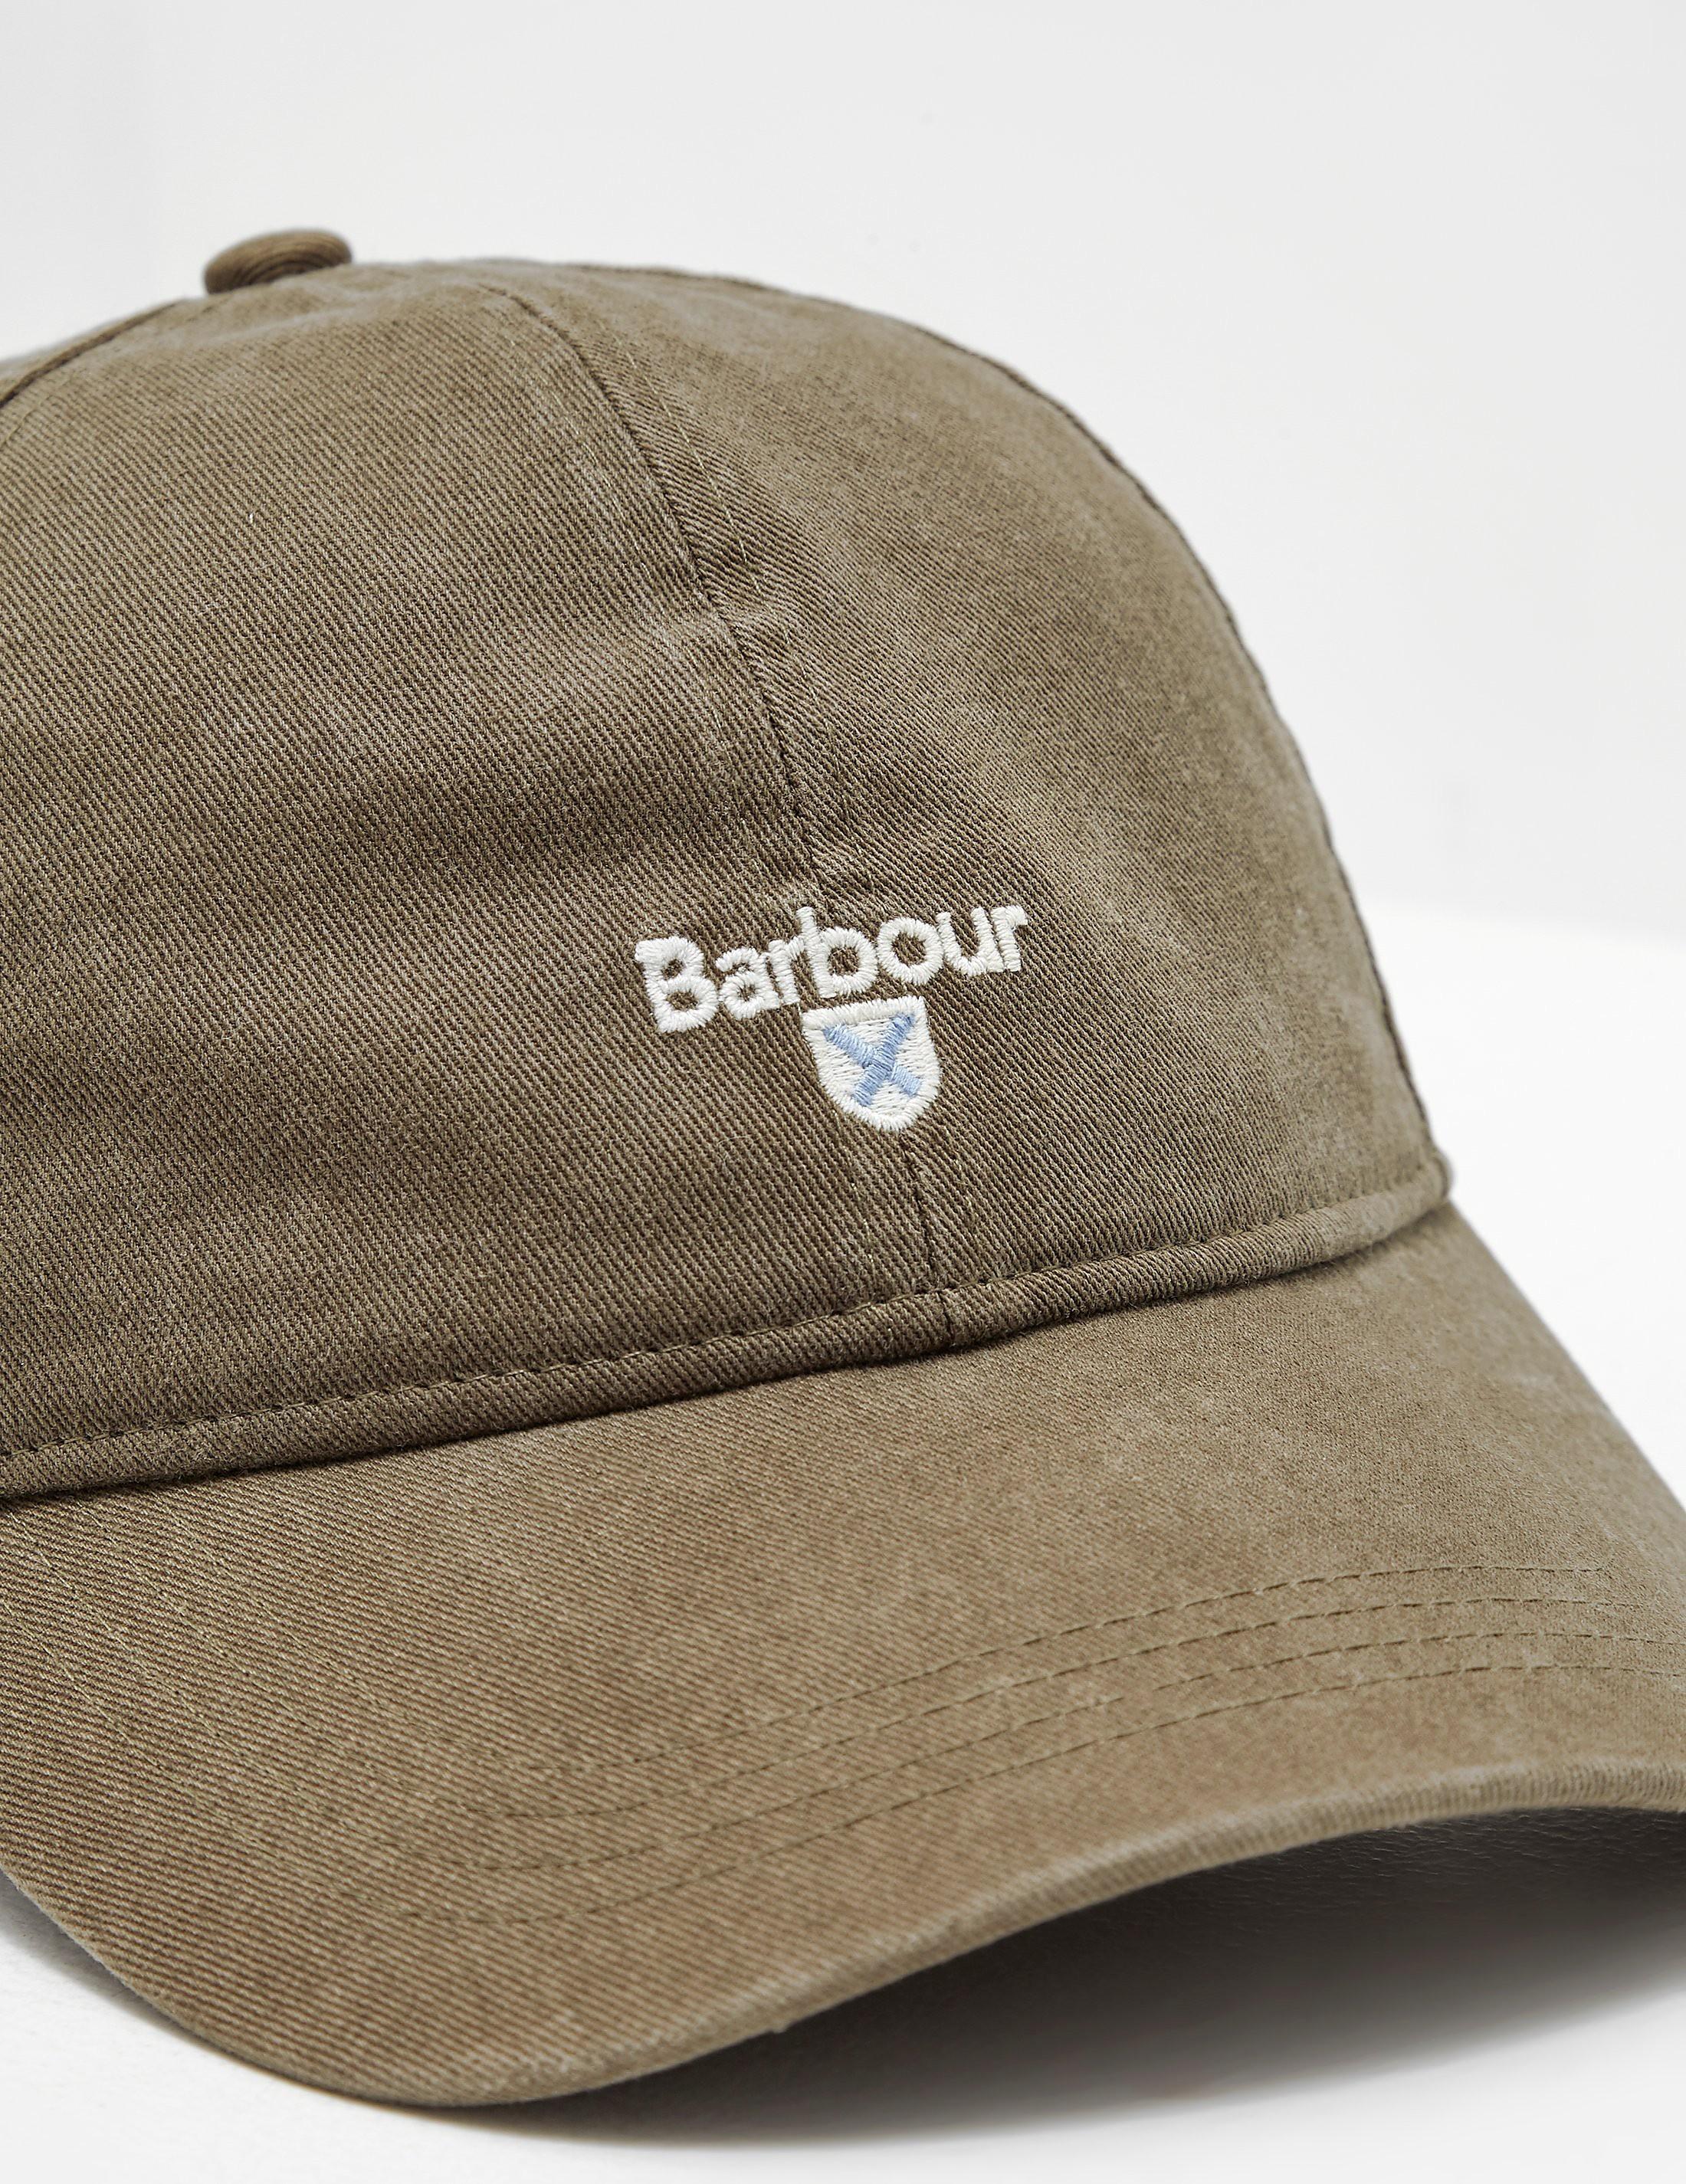 Barbour Cascase Sports Cap